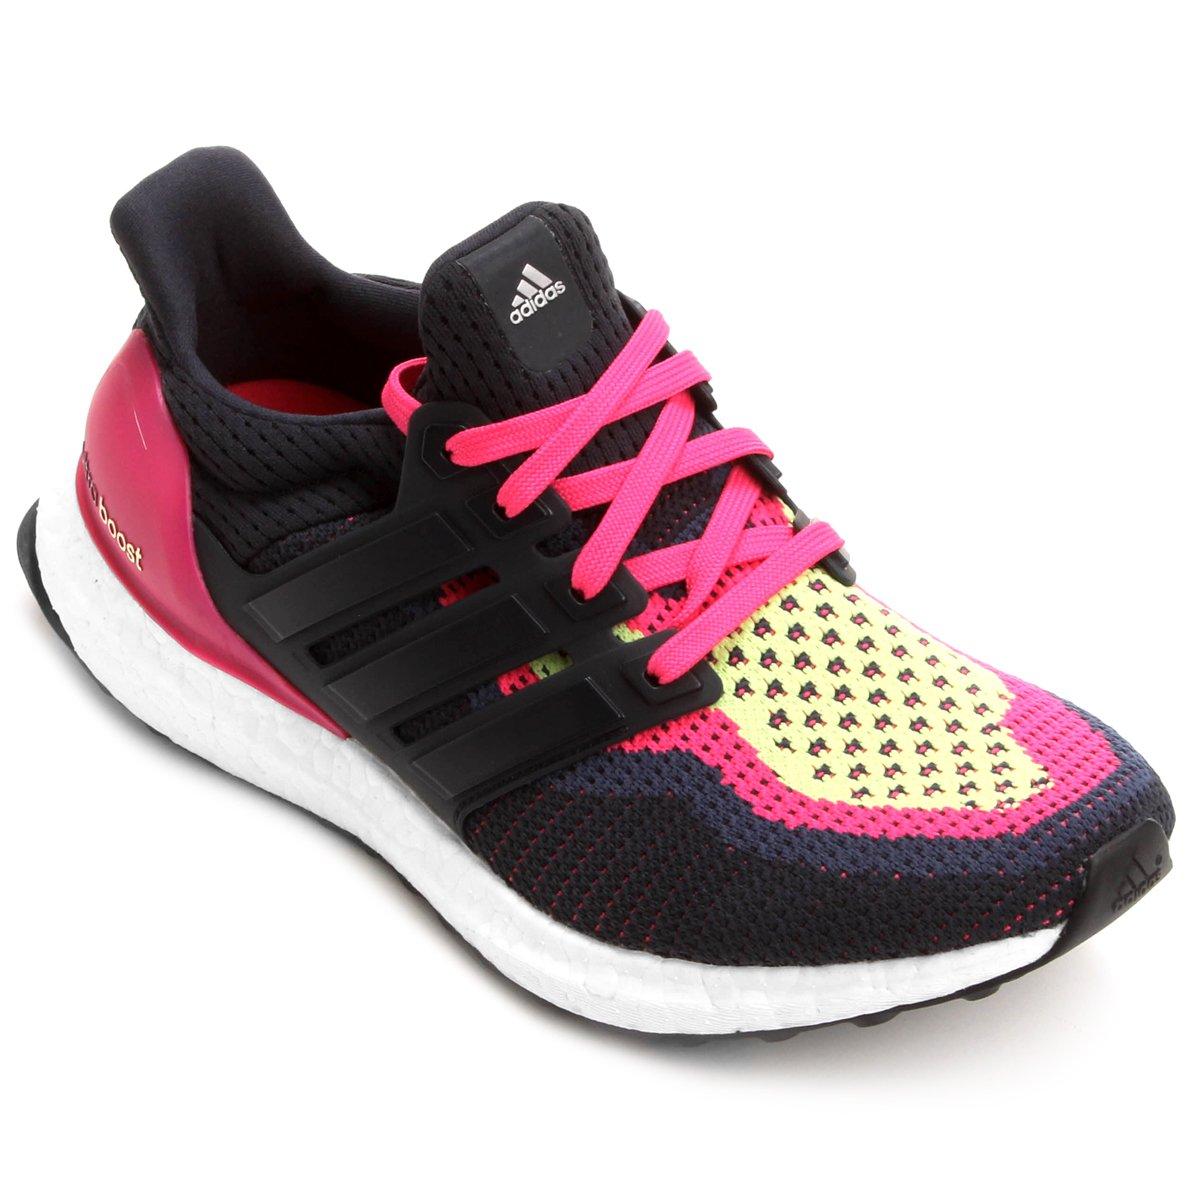 e426cd98cd7ec Tênis Adidas Ultra Boost Feminino - Compre Agora